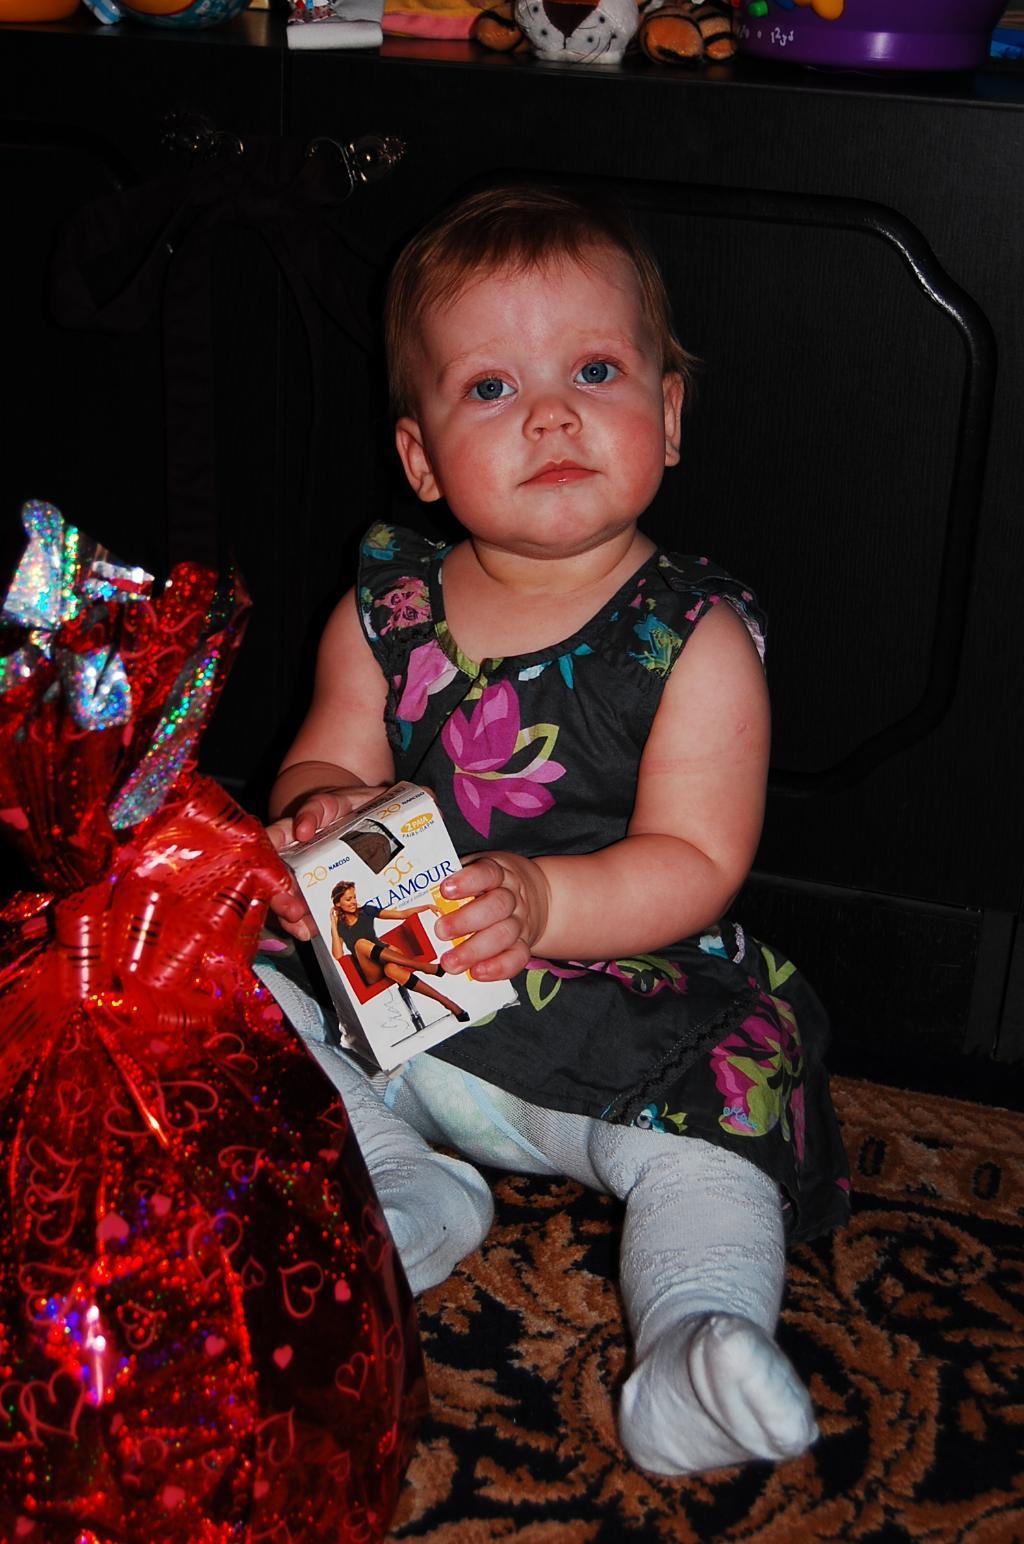 именинница в подарках. Первый День рождения